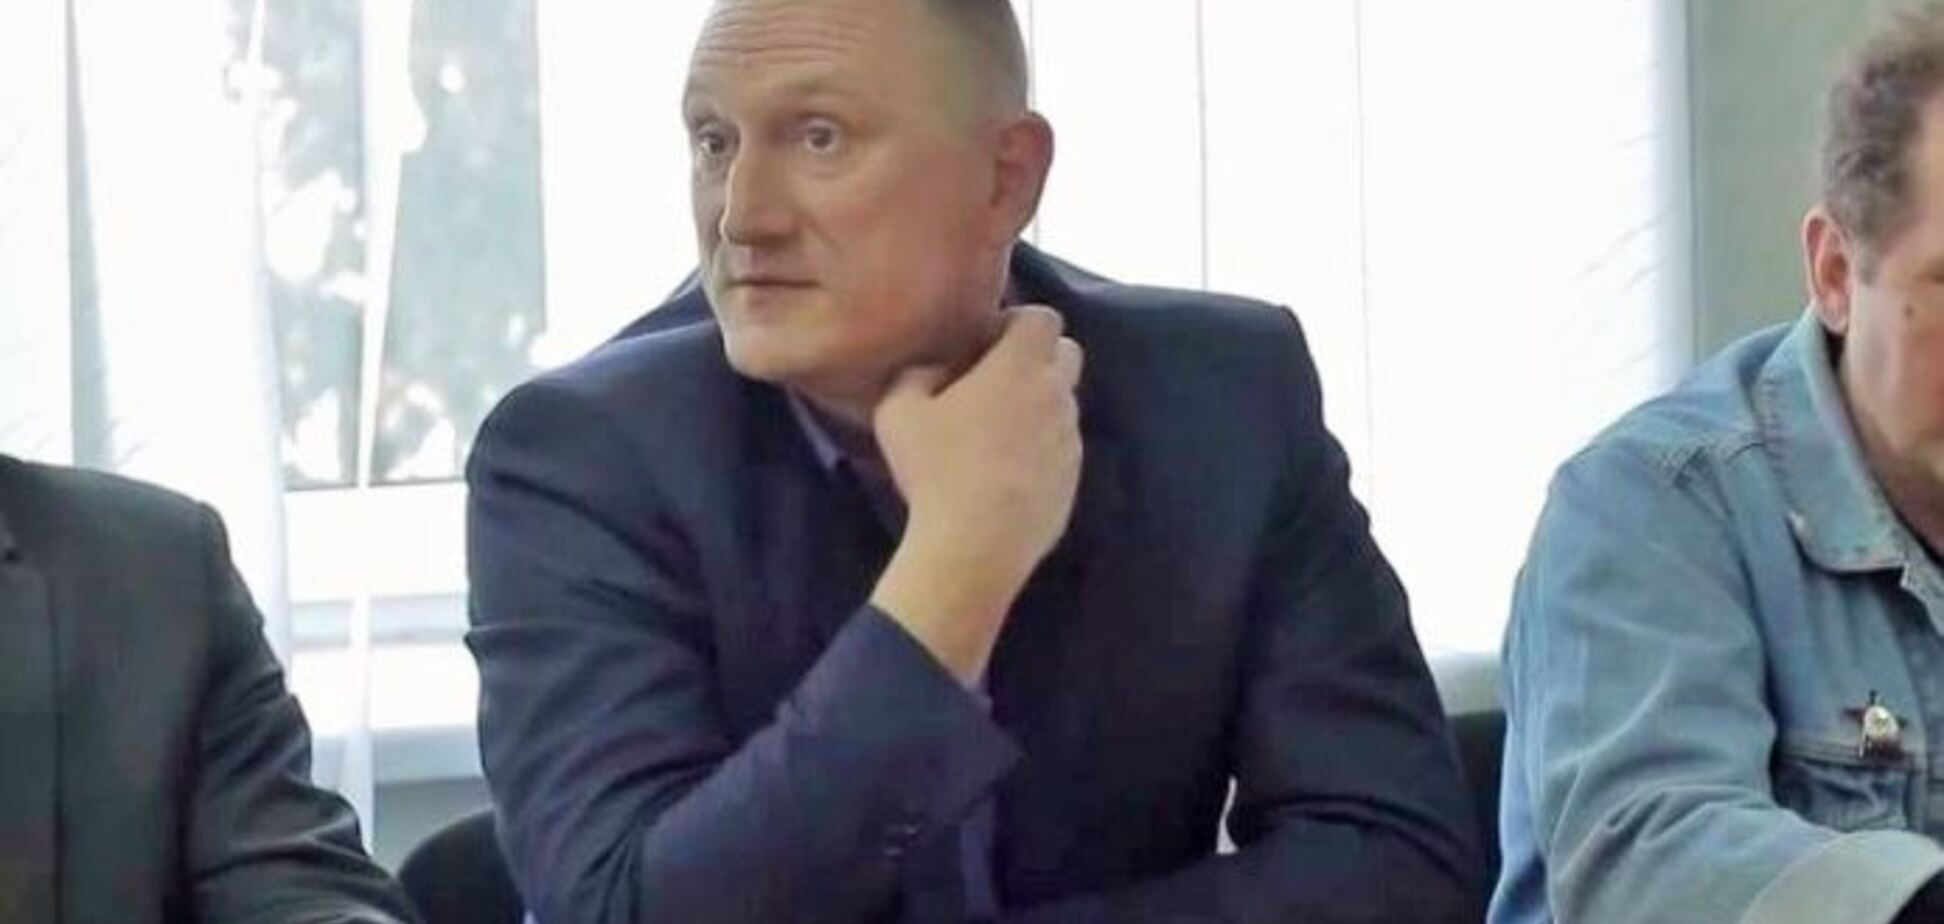 'За завданням Москви': в Україні викрили мера з російським громадянством